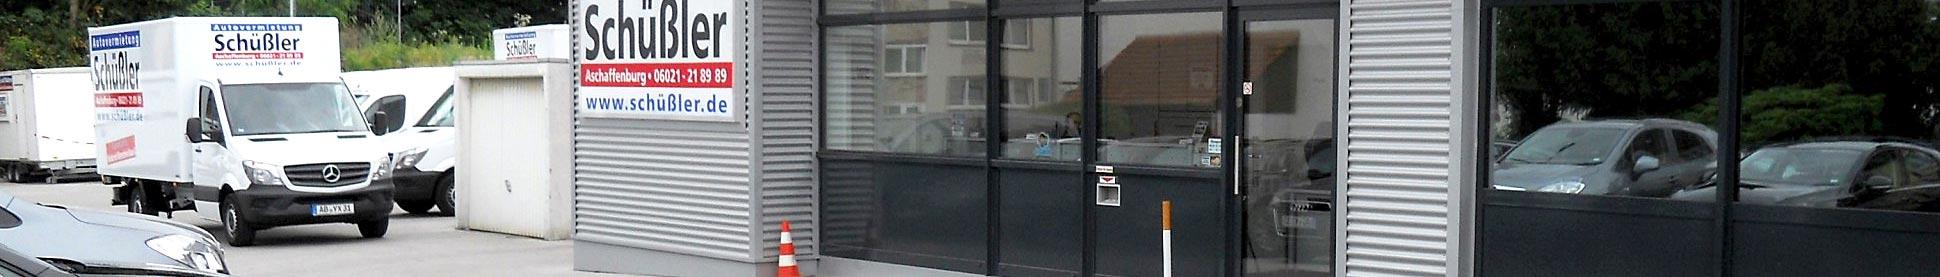 anmietung mieten von lkw transporter f r ihren umzug aschaffenburg. Black Bedroom Furniture Sets. Home Design Ideas